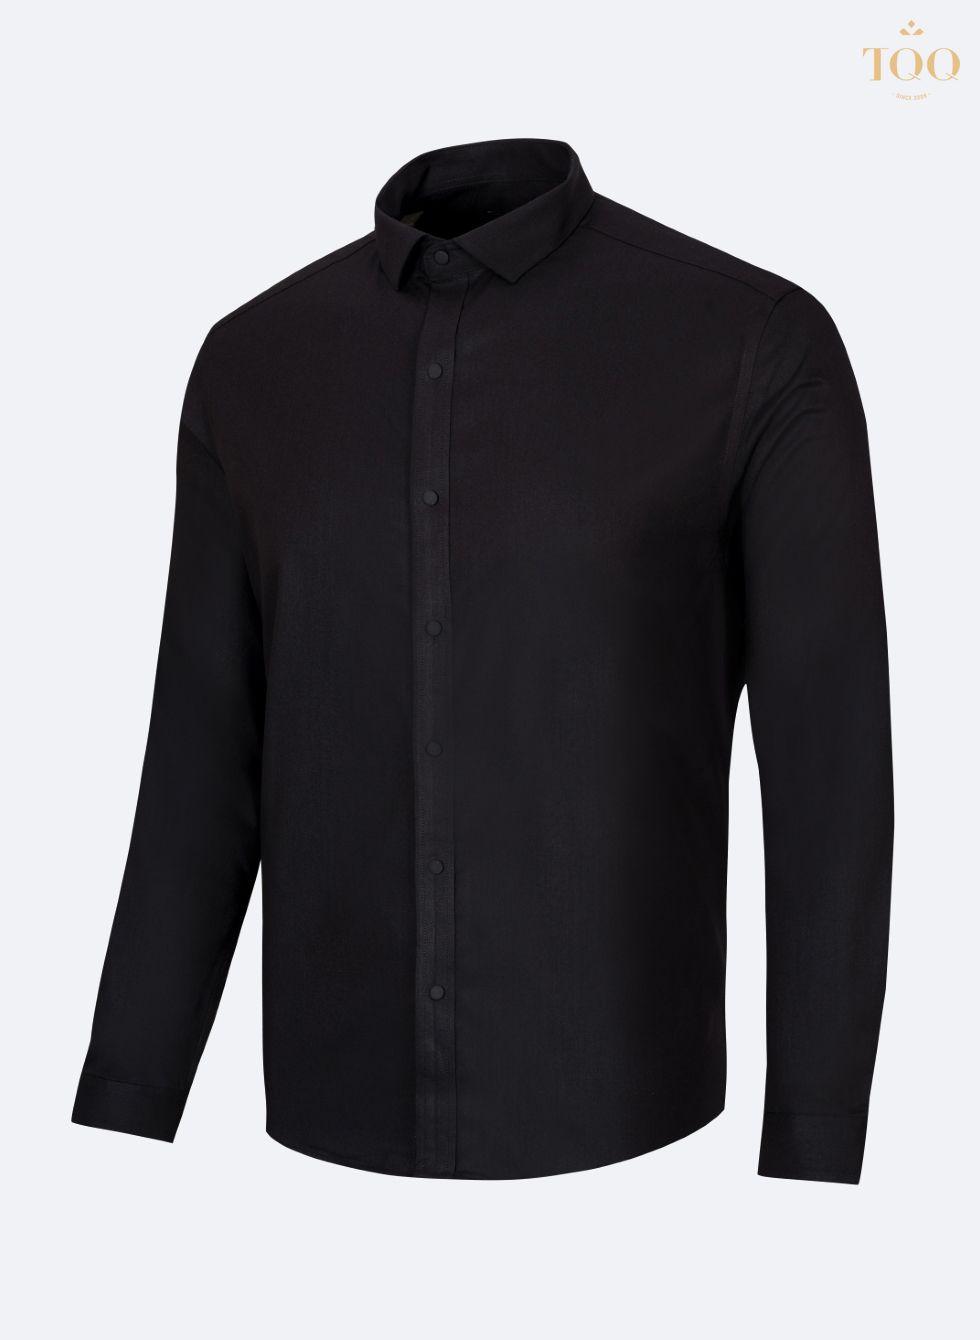 Mẫu áo sơ mi ôm body màu đen trơn lịch lãm, sang trọng M78